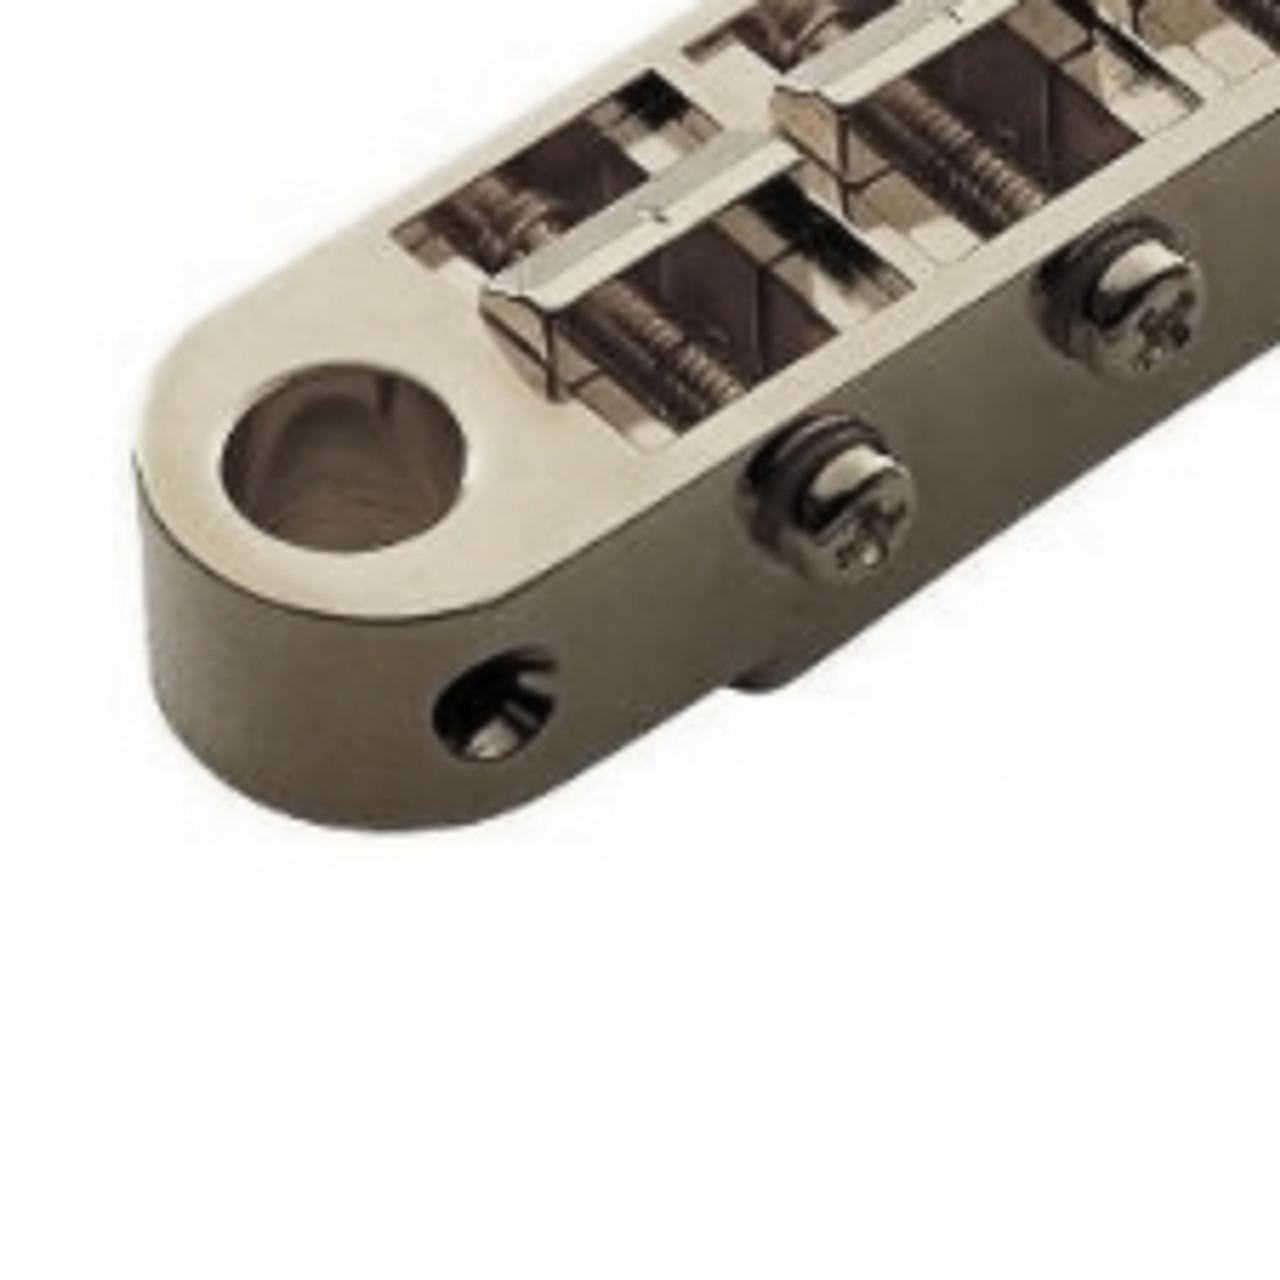 TonePros T3BT-C Tunematic Bridge locking system